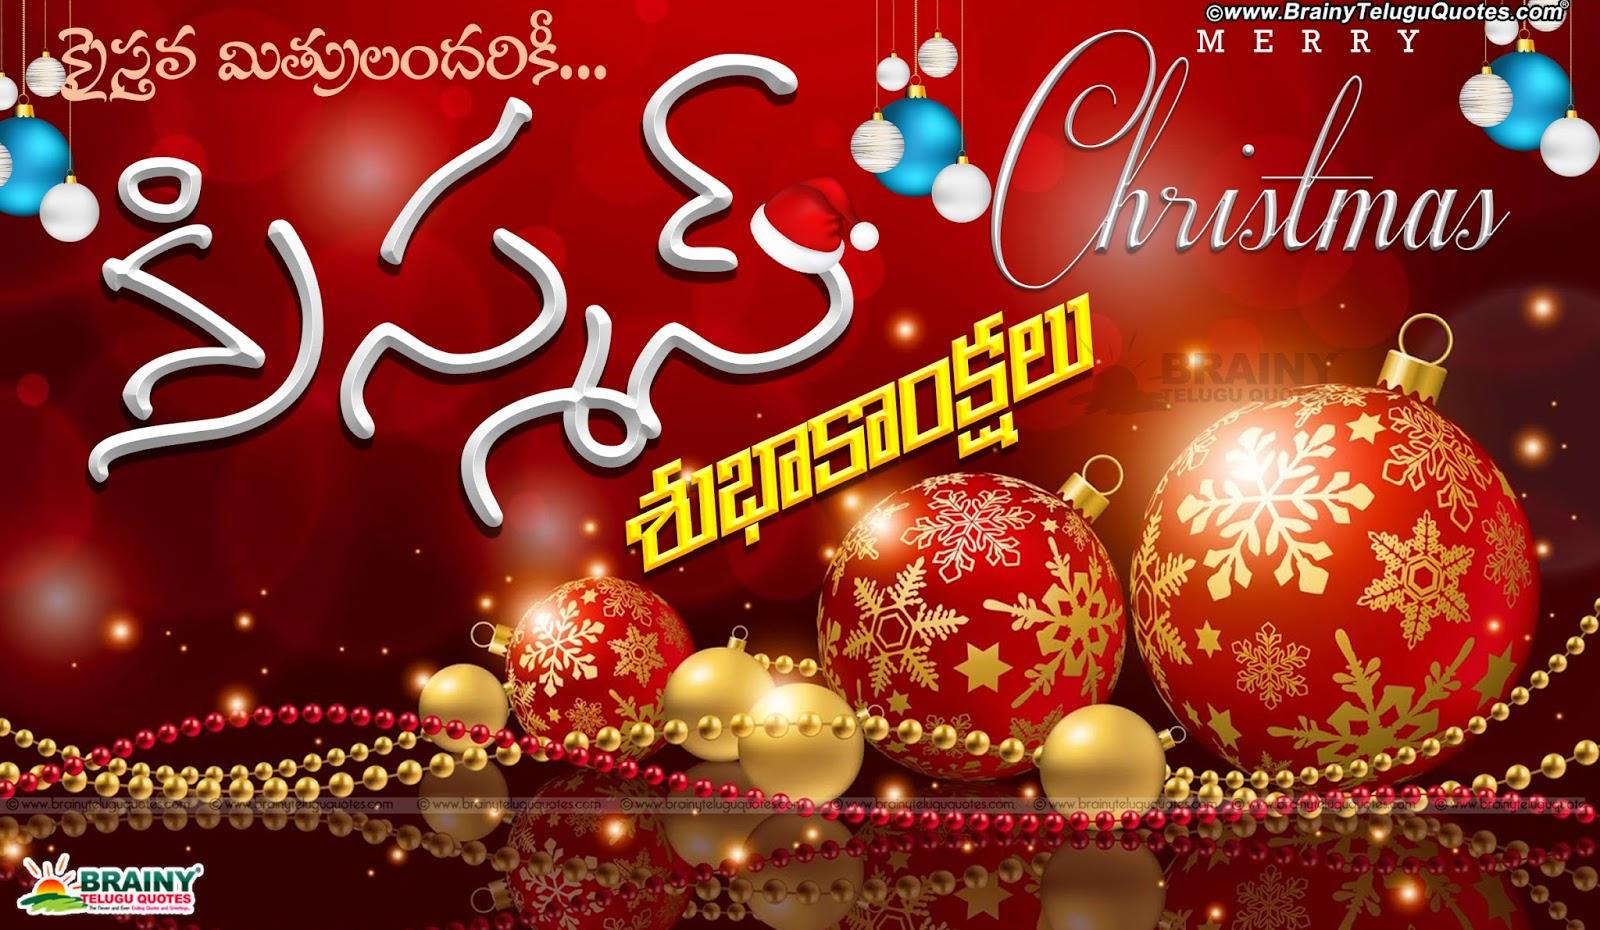 Telugu Christians Christmas Greetings   BrainyTeluguQuotes.comTelugu quotes English quotes Hindi ...